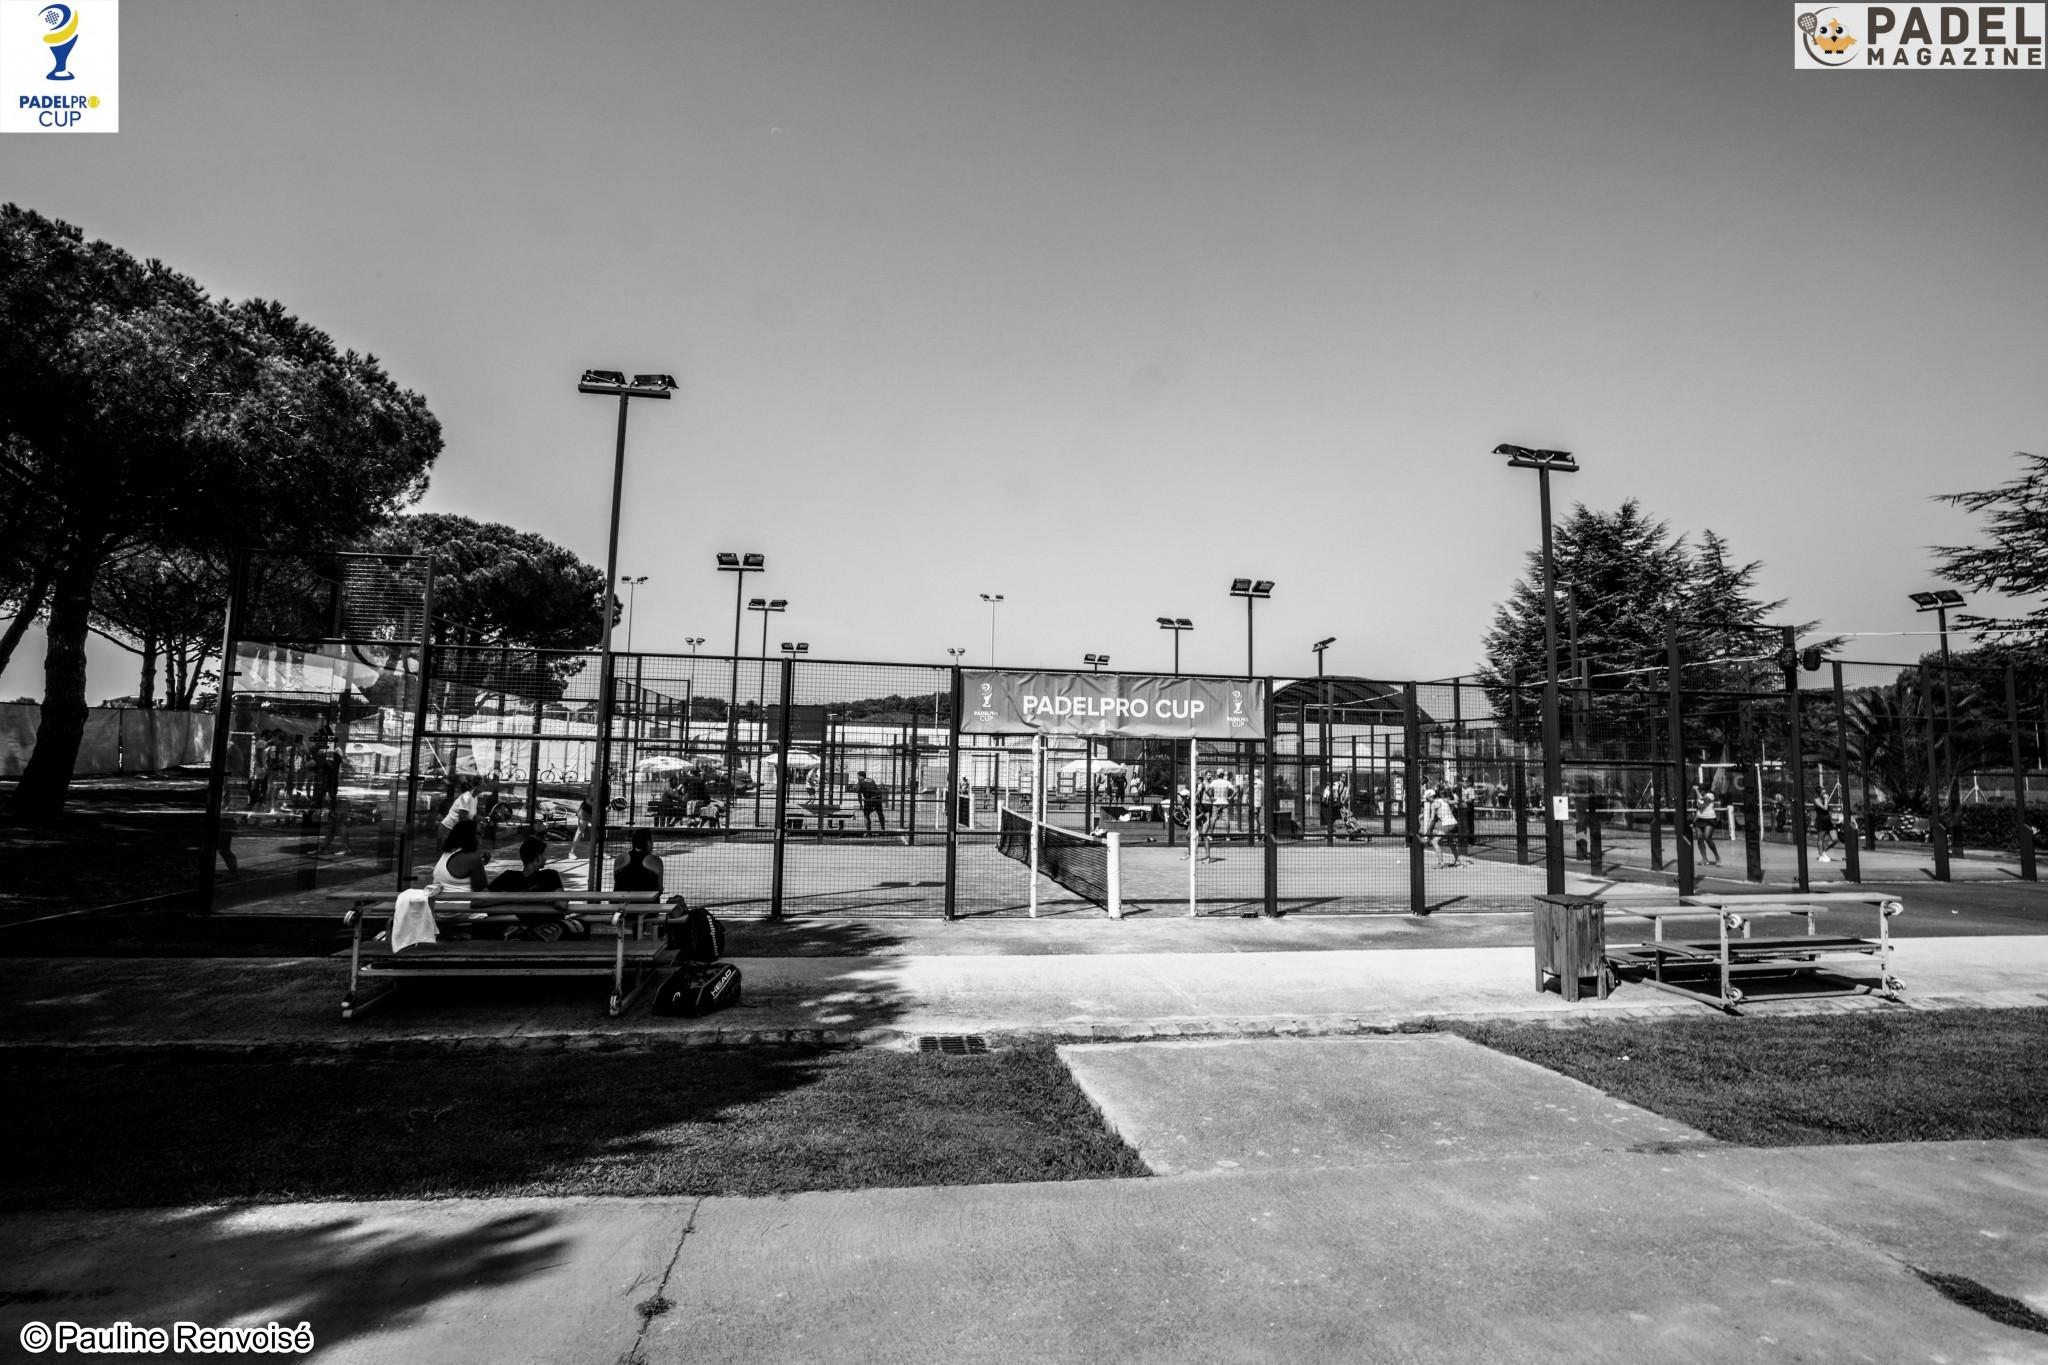 Padepro Cup 2019 – Lancement des demies